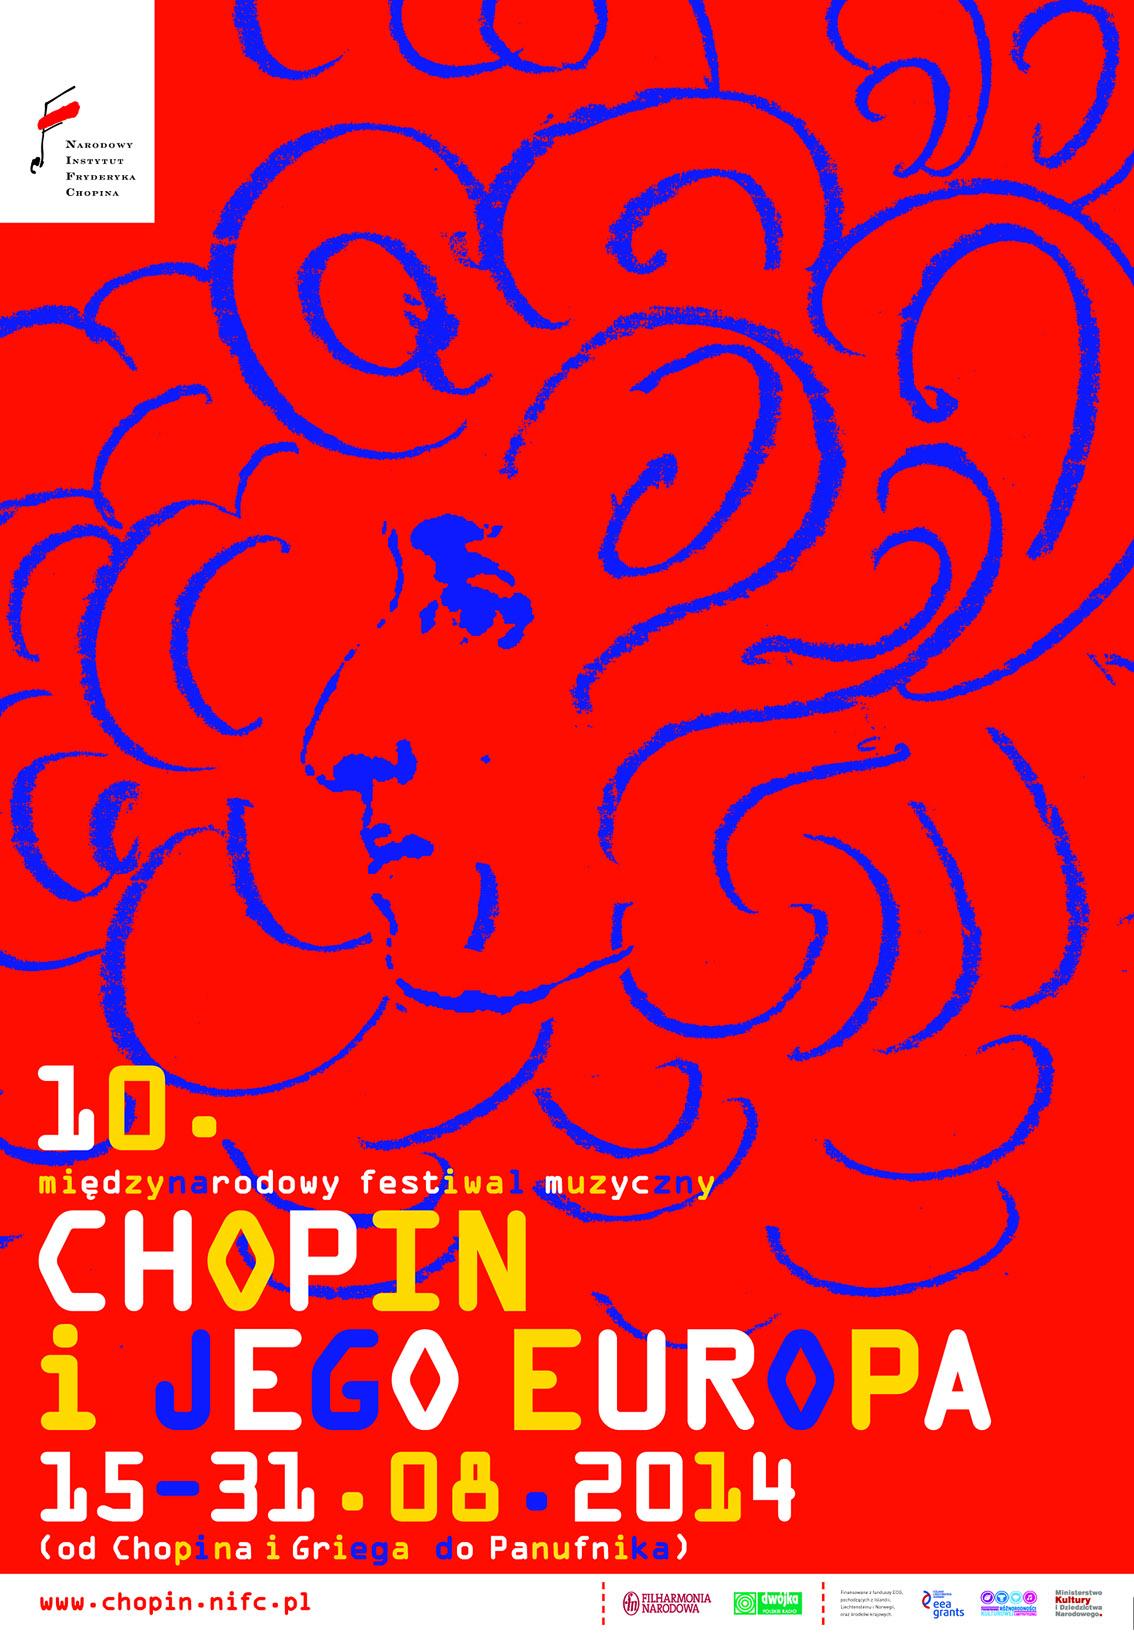 Od Chopina i griega do panufnika – Festiwal Muzyczny